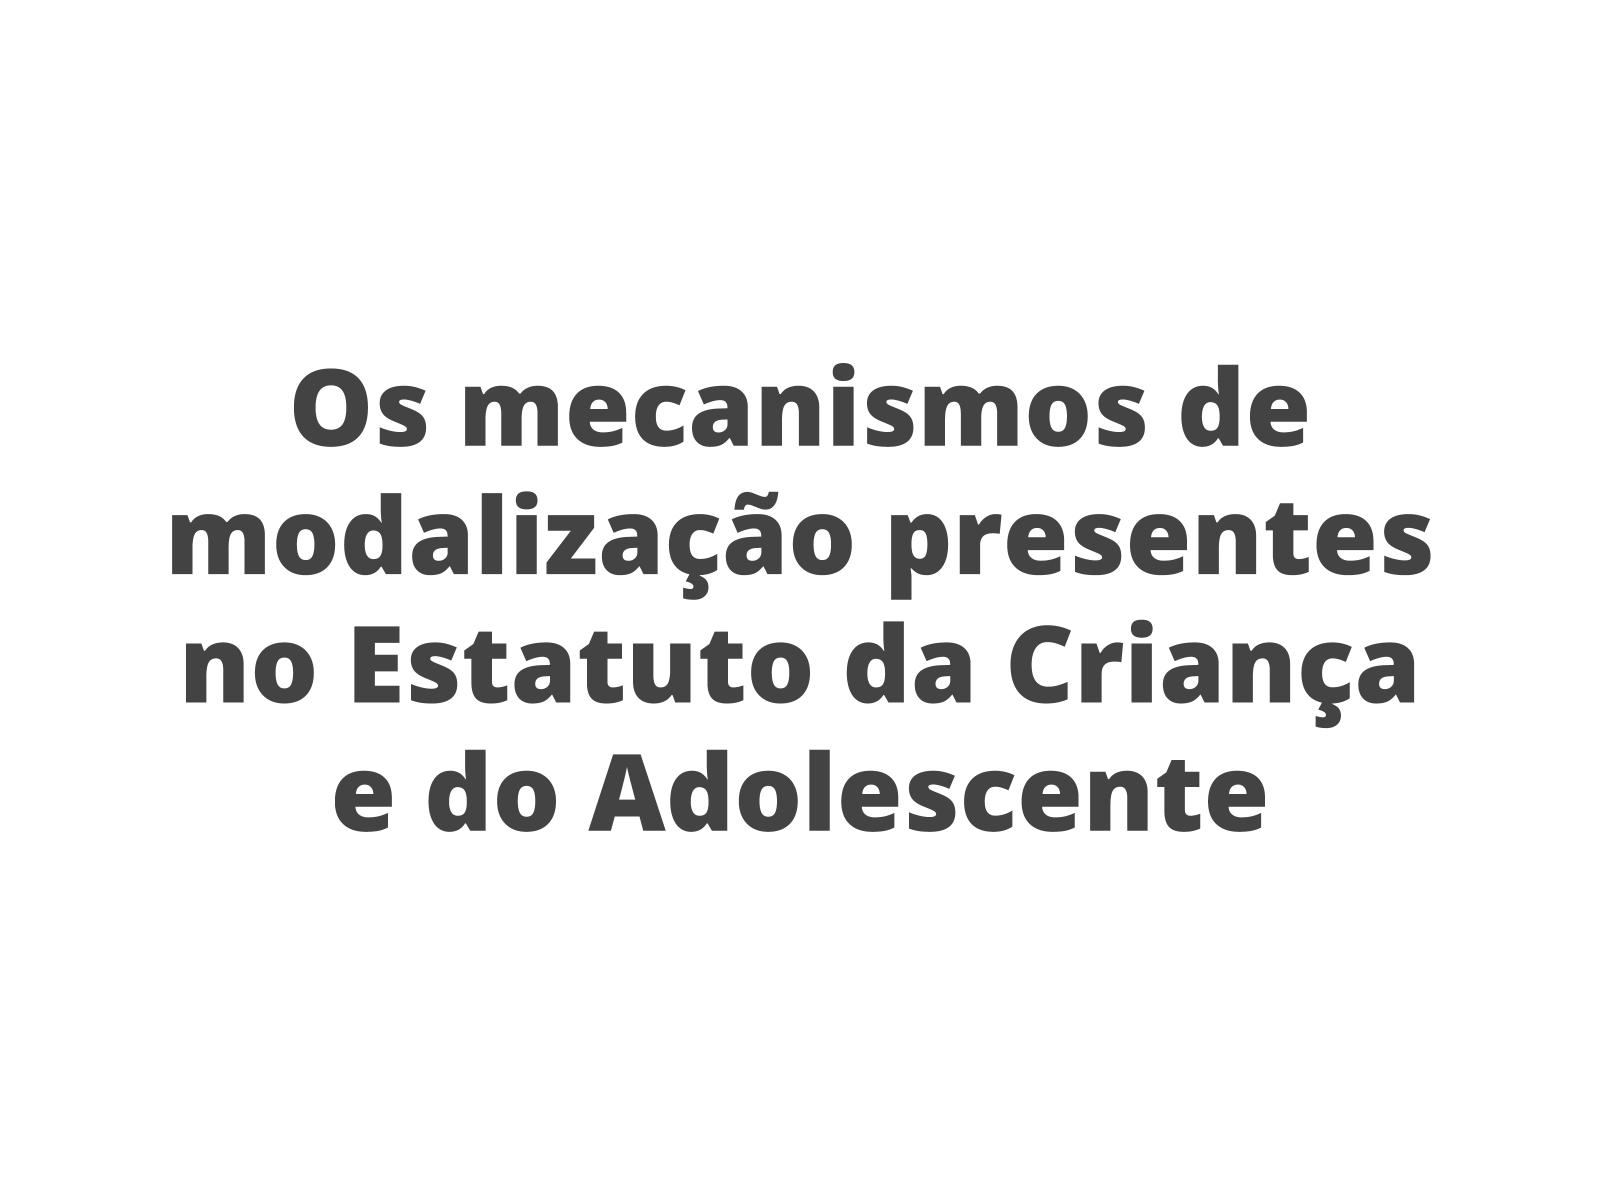 Os mecanismos de modalização presentes no  Estatuto da Criança e do Adolescente